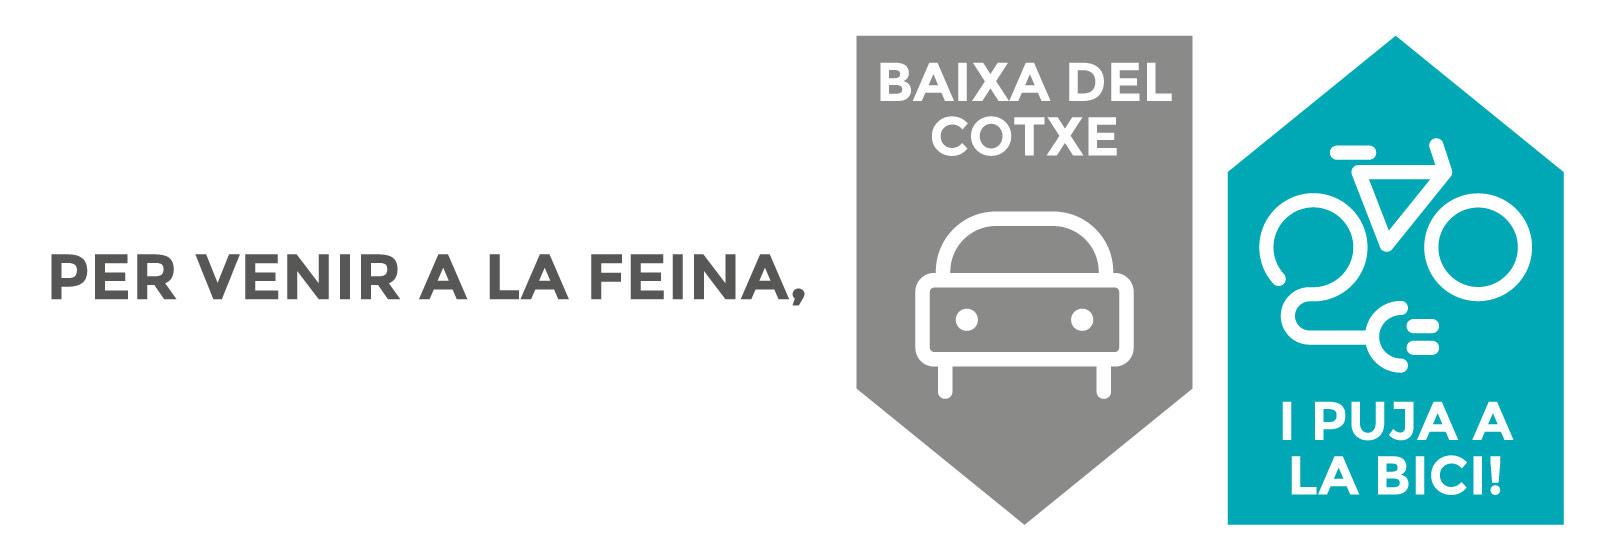 Biciempresa_banner_HomeAMB_pujabaixa_1600x560